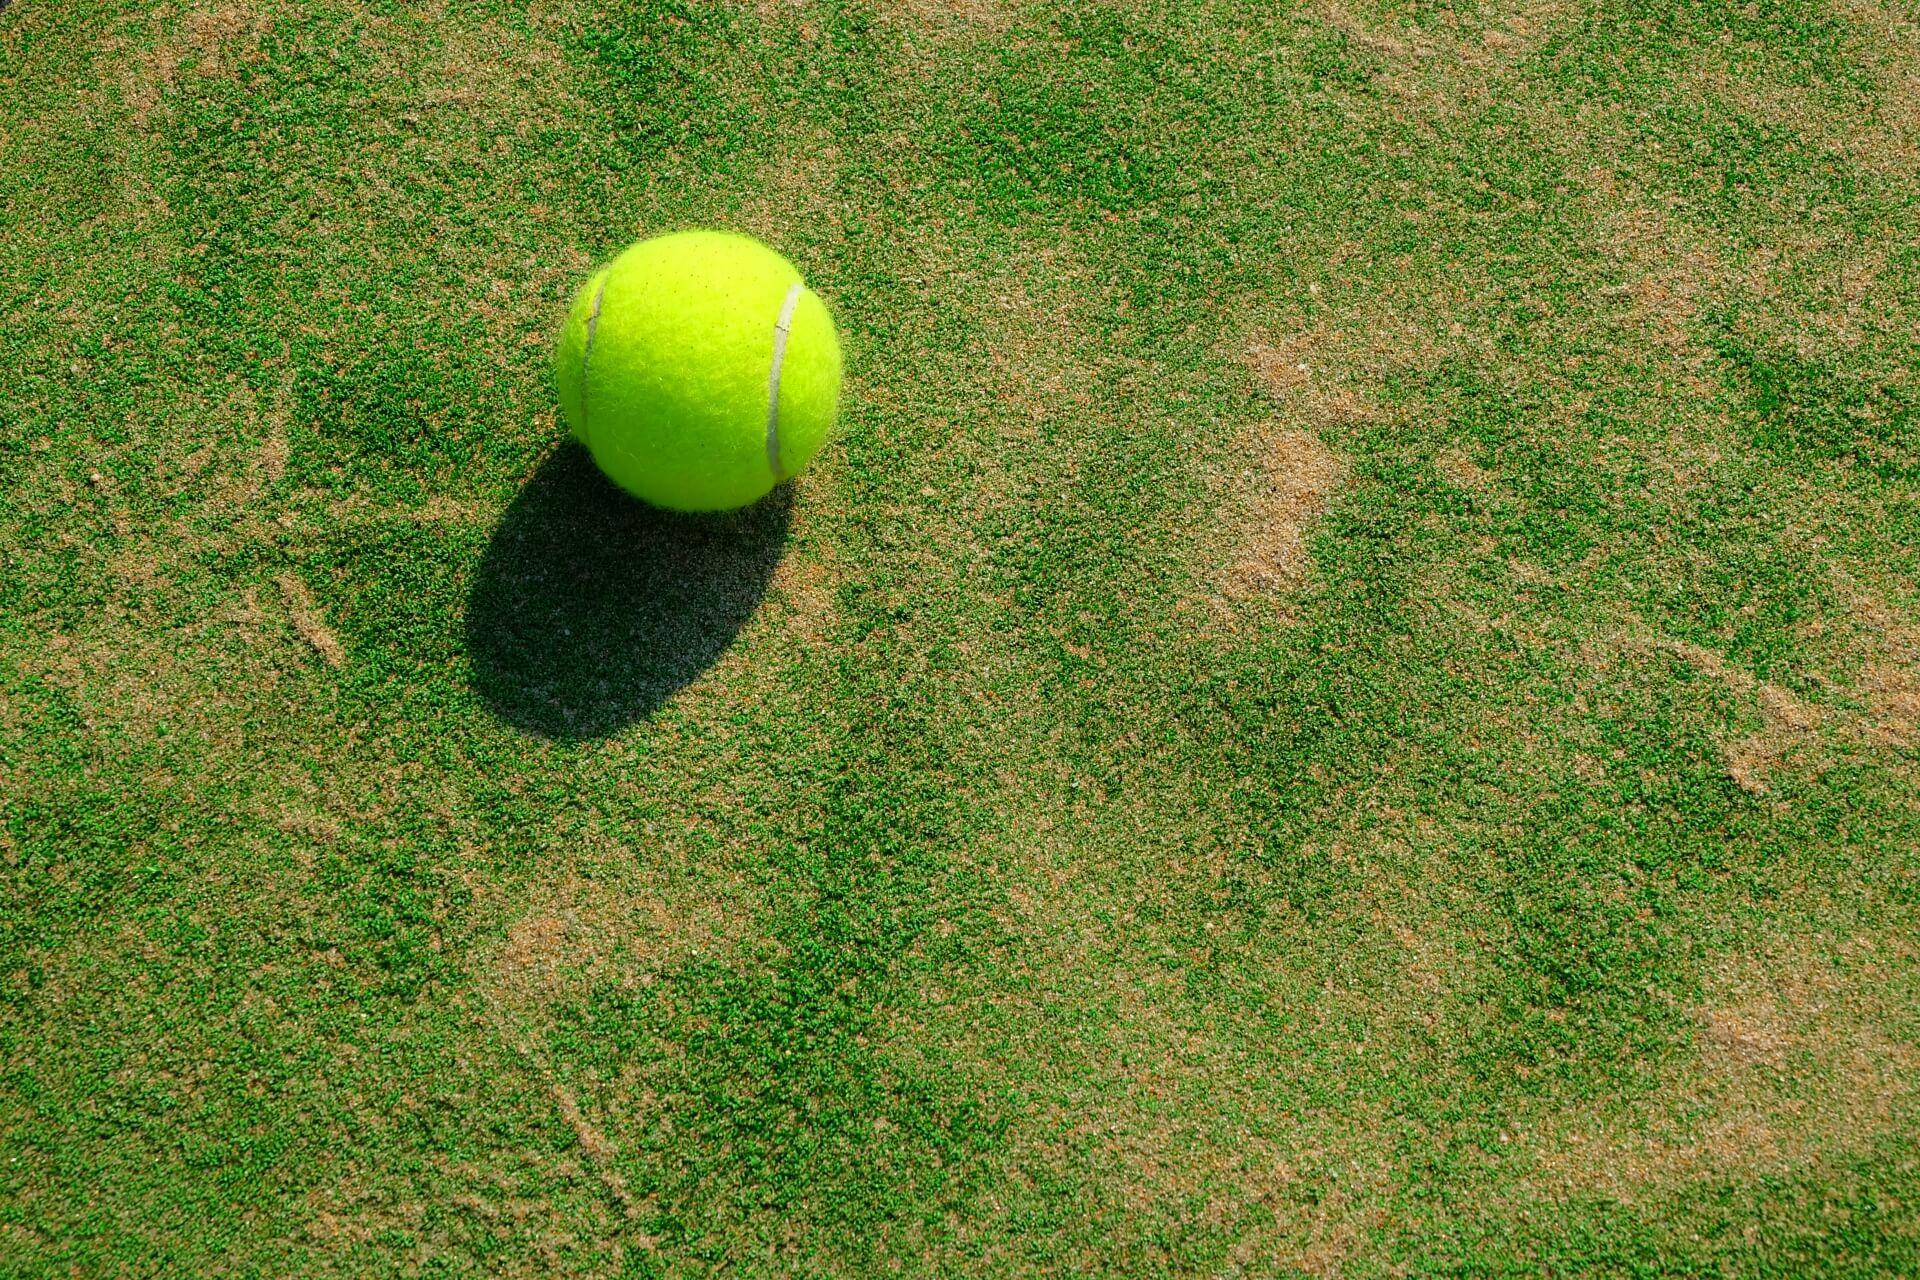 テニス上達のために家でもできる練習法